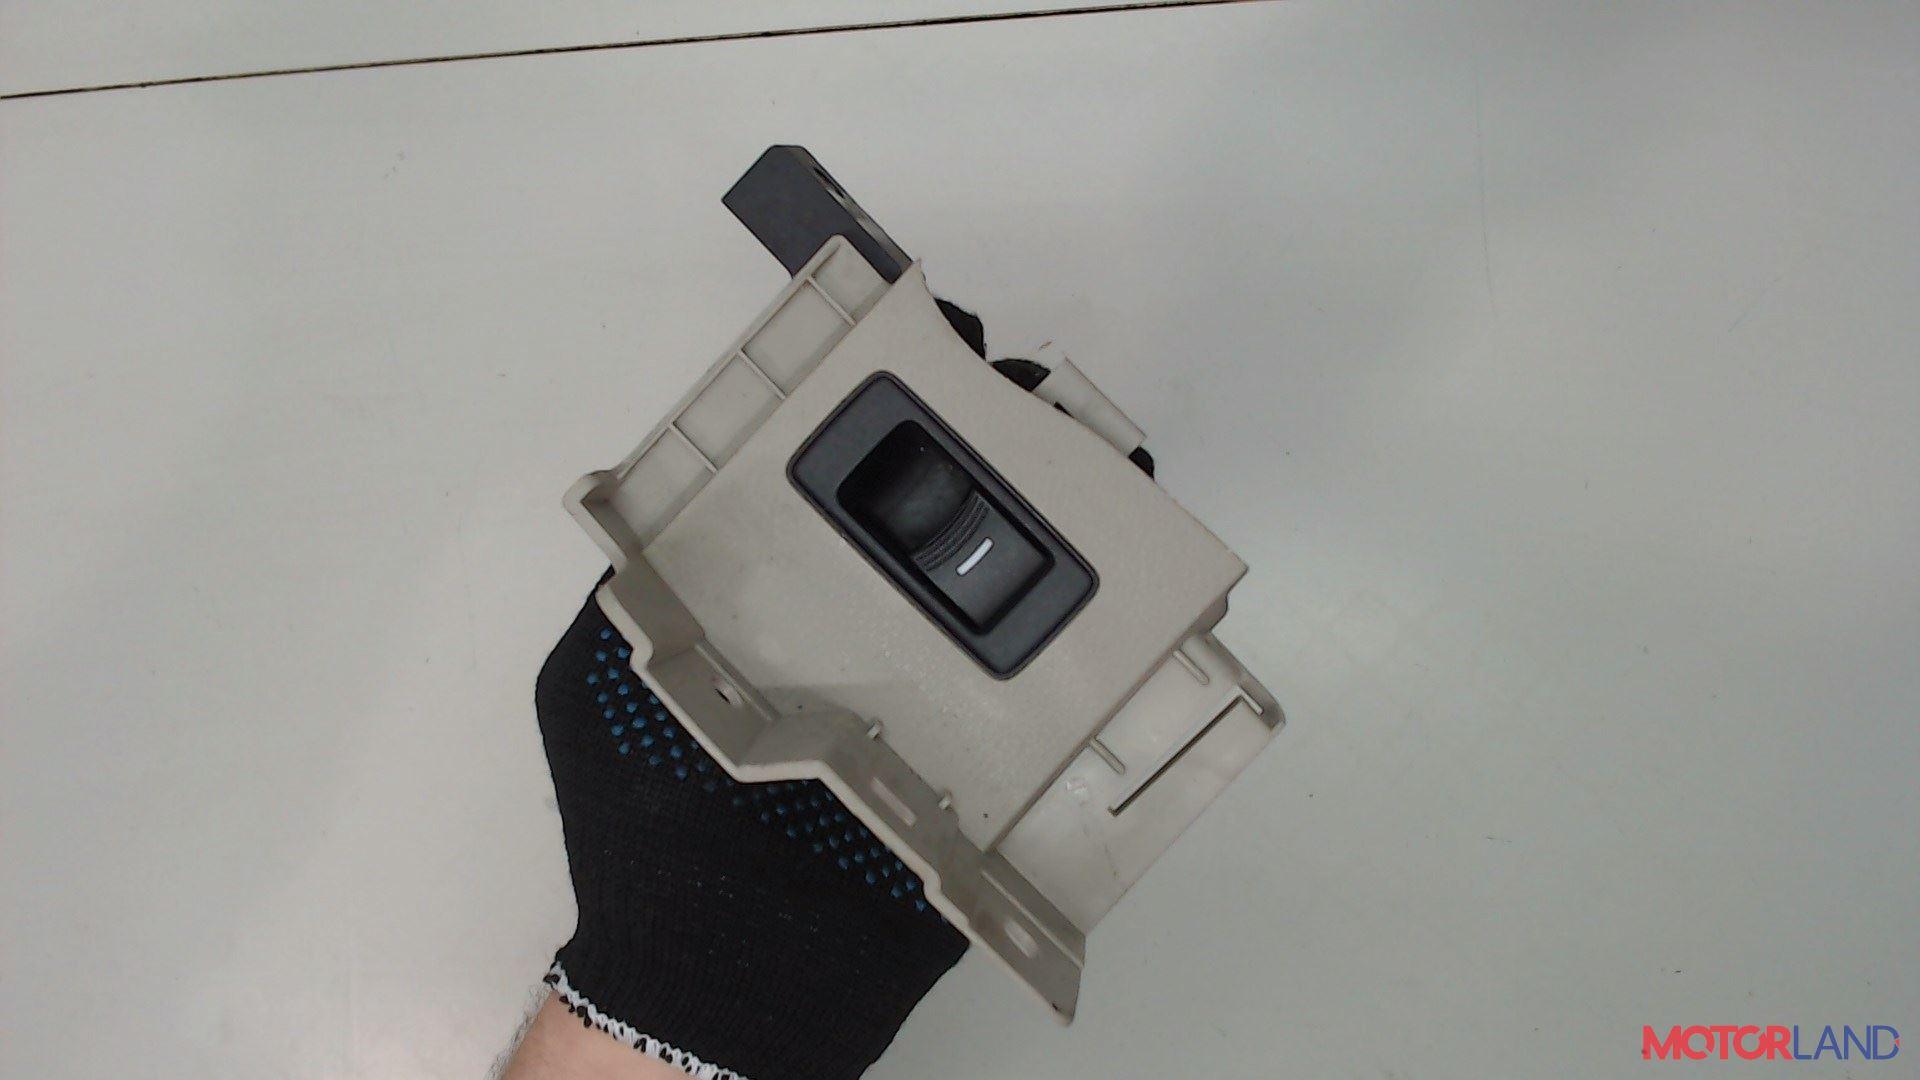 Кнопка (выключатель) Acura RDX 2006-2011, Артикул 5556275 #1